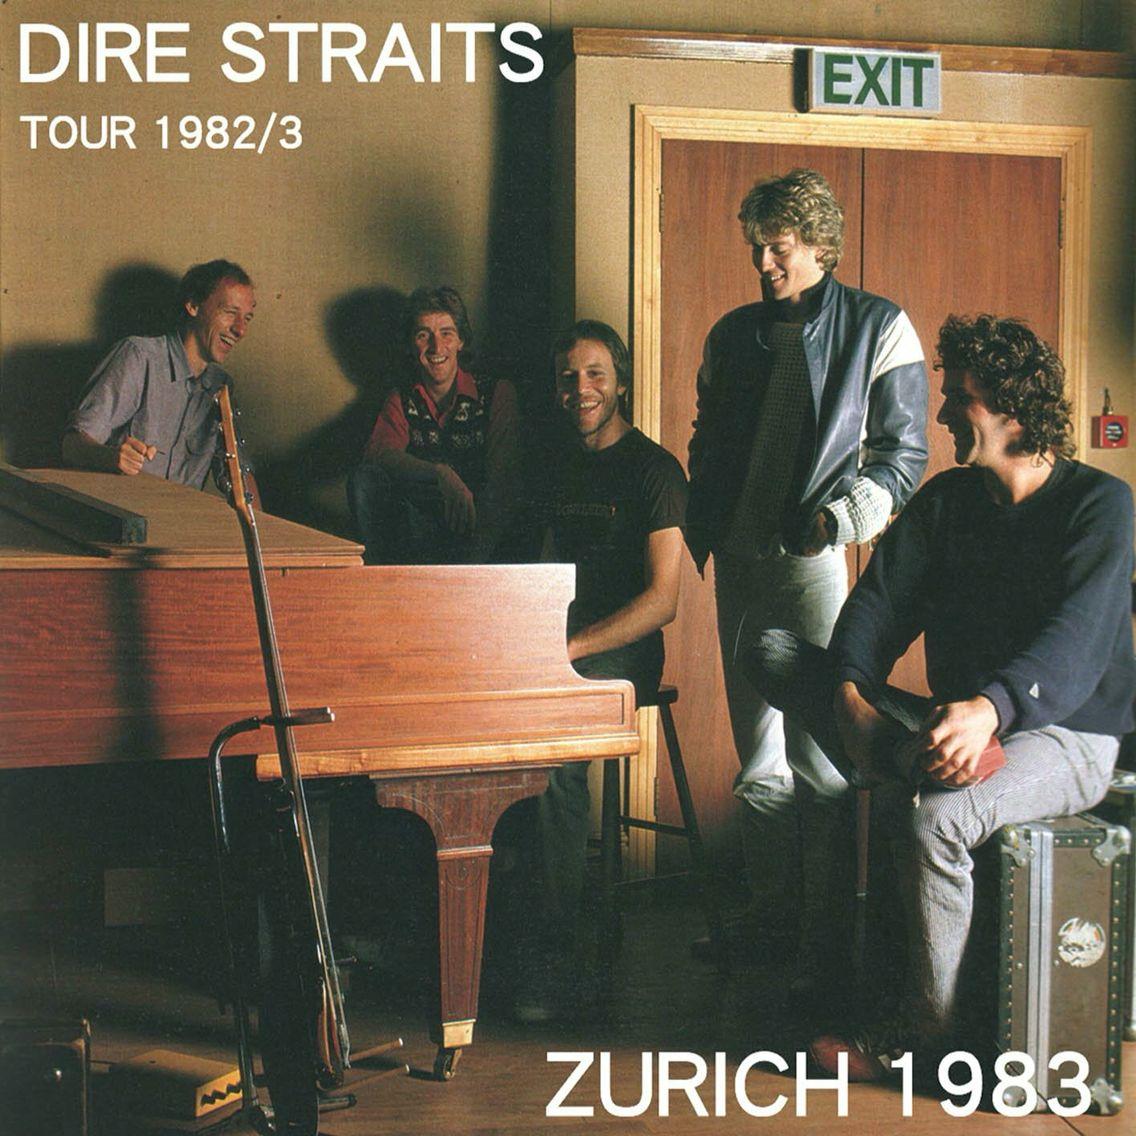 Die Besten 25 Dire Straits Tour Ideen Auf Pinterest